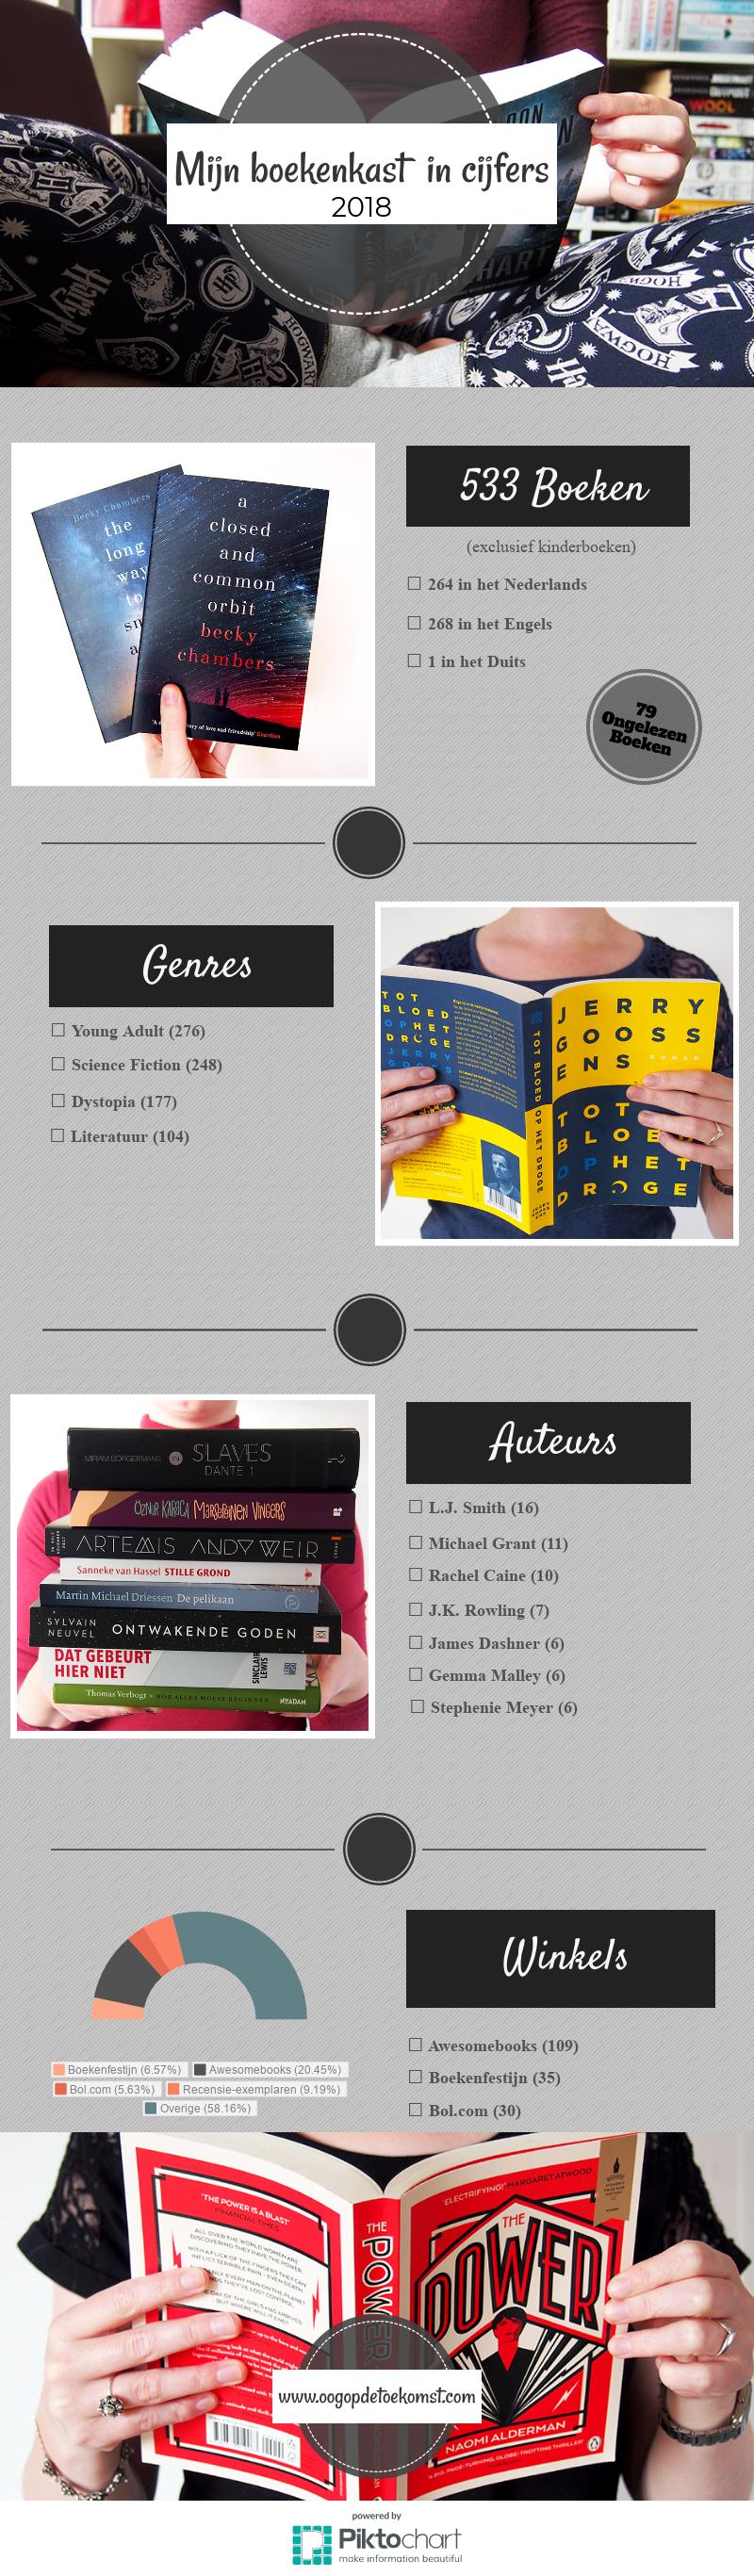 Mijn boekenkast in cijfers